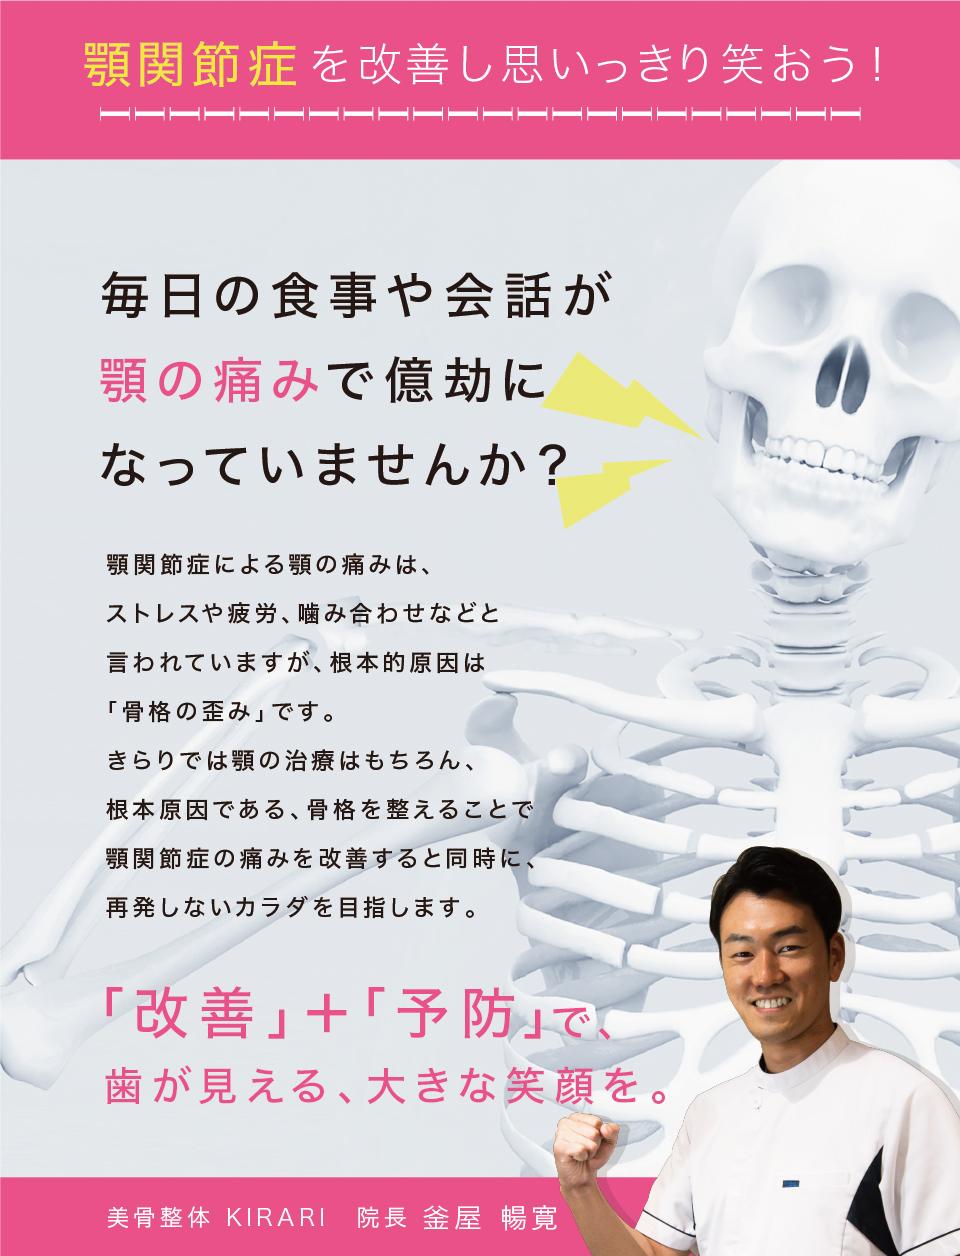 顎関節症を改善し思いっきり笑おう!毎日の食事や会話顎の痛みで億劫になっていませんか?顎関節症による顎の痛みは、ストレスや疲労、噛み合わせなどと言われていますが、根本的原因は「骨盤の歪み」です。KIRARIでは顎の治療はもちろん、根本原因である、骨格を整えることで顎関節症の痛みを改善すると同時に、再発しない身体を目指します。「改善」+「予防」で歯が見える、大きな笑顔を。